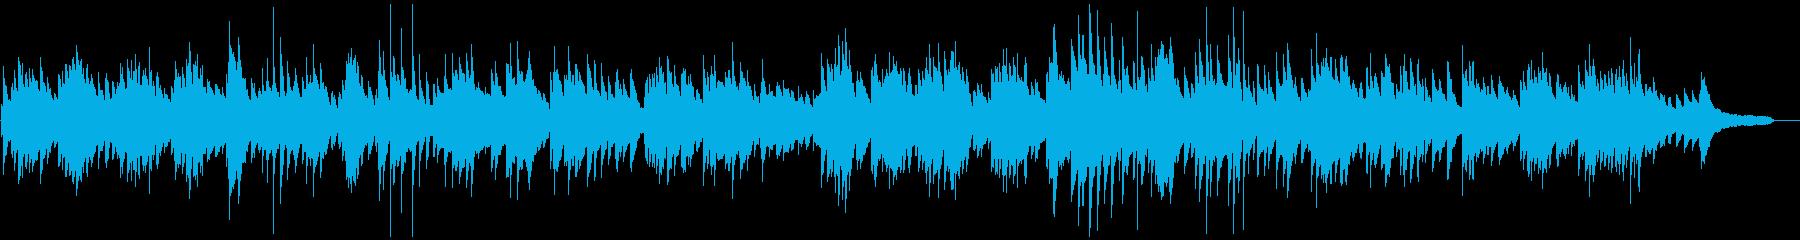 ほんの少し和を感じる癒し系ピアノソロの再生済みの波形